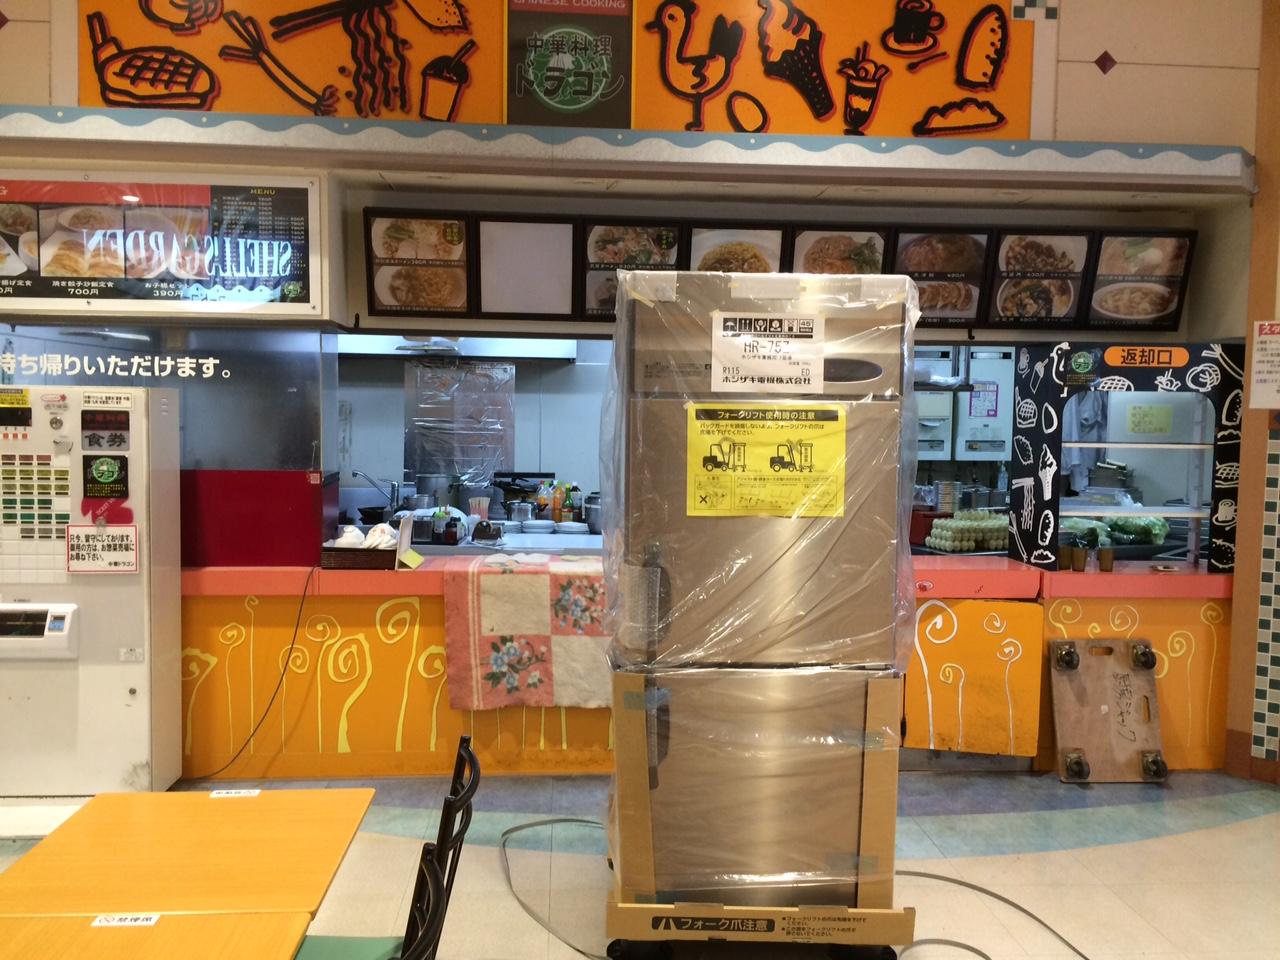 唐津市・イオンモール内 中華ドラゴン様 ホシザキ2ドア冷蔵庫 販売・設置